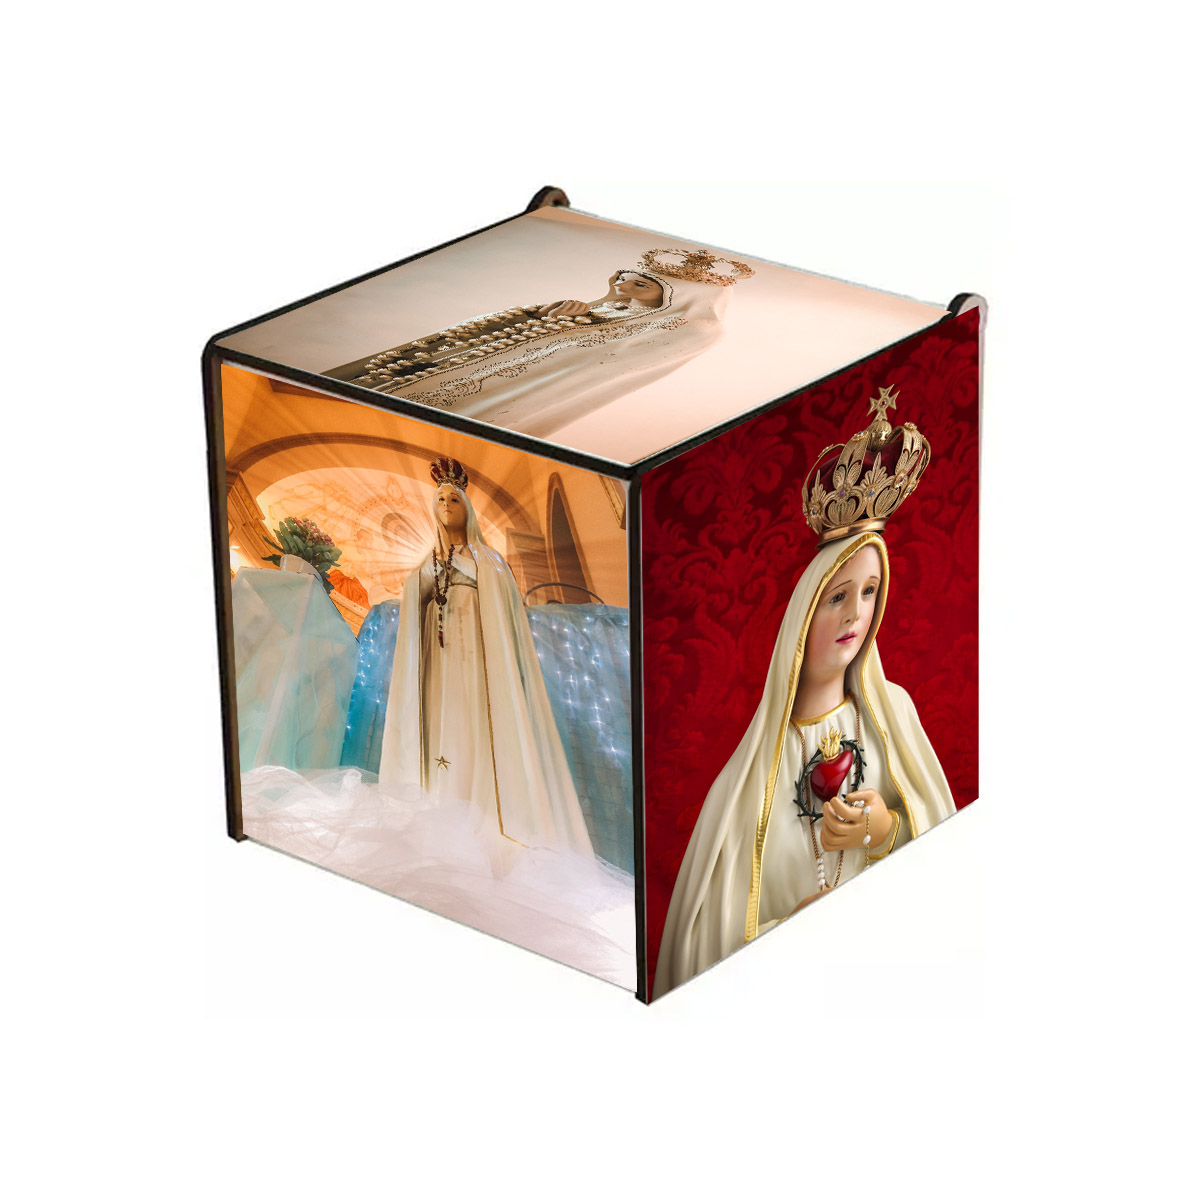 Caixa de Presente Religiosa em MDF Personalizada Exclusiva.